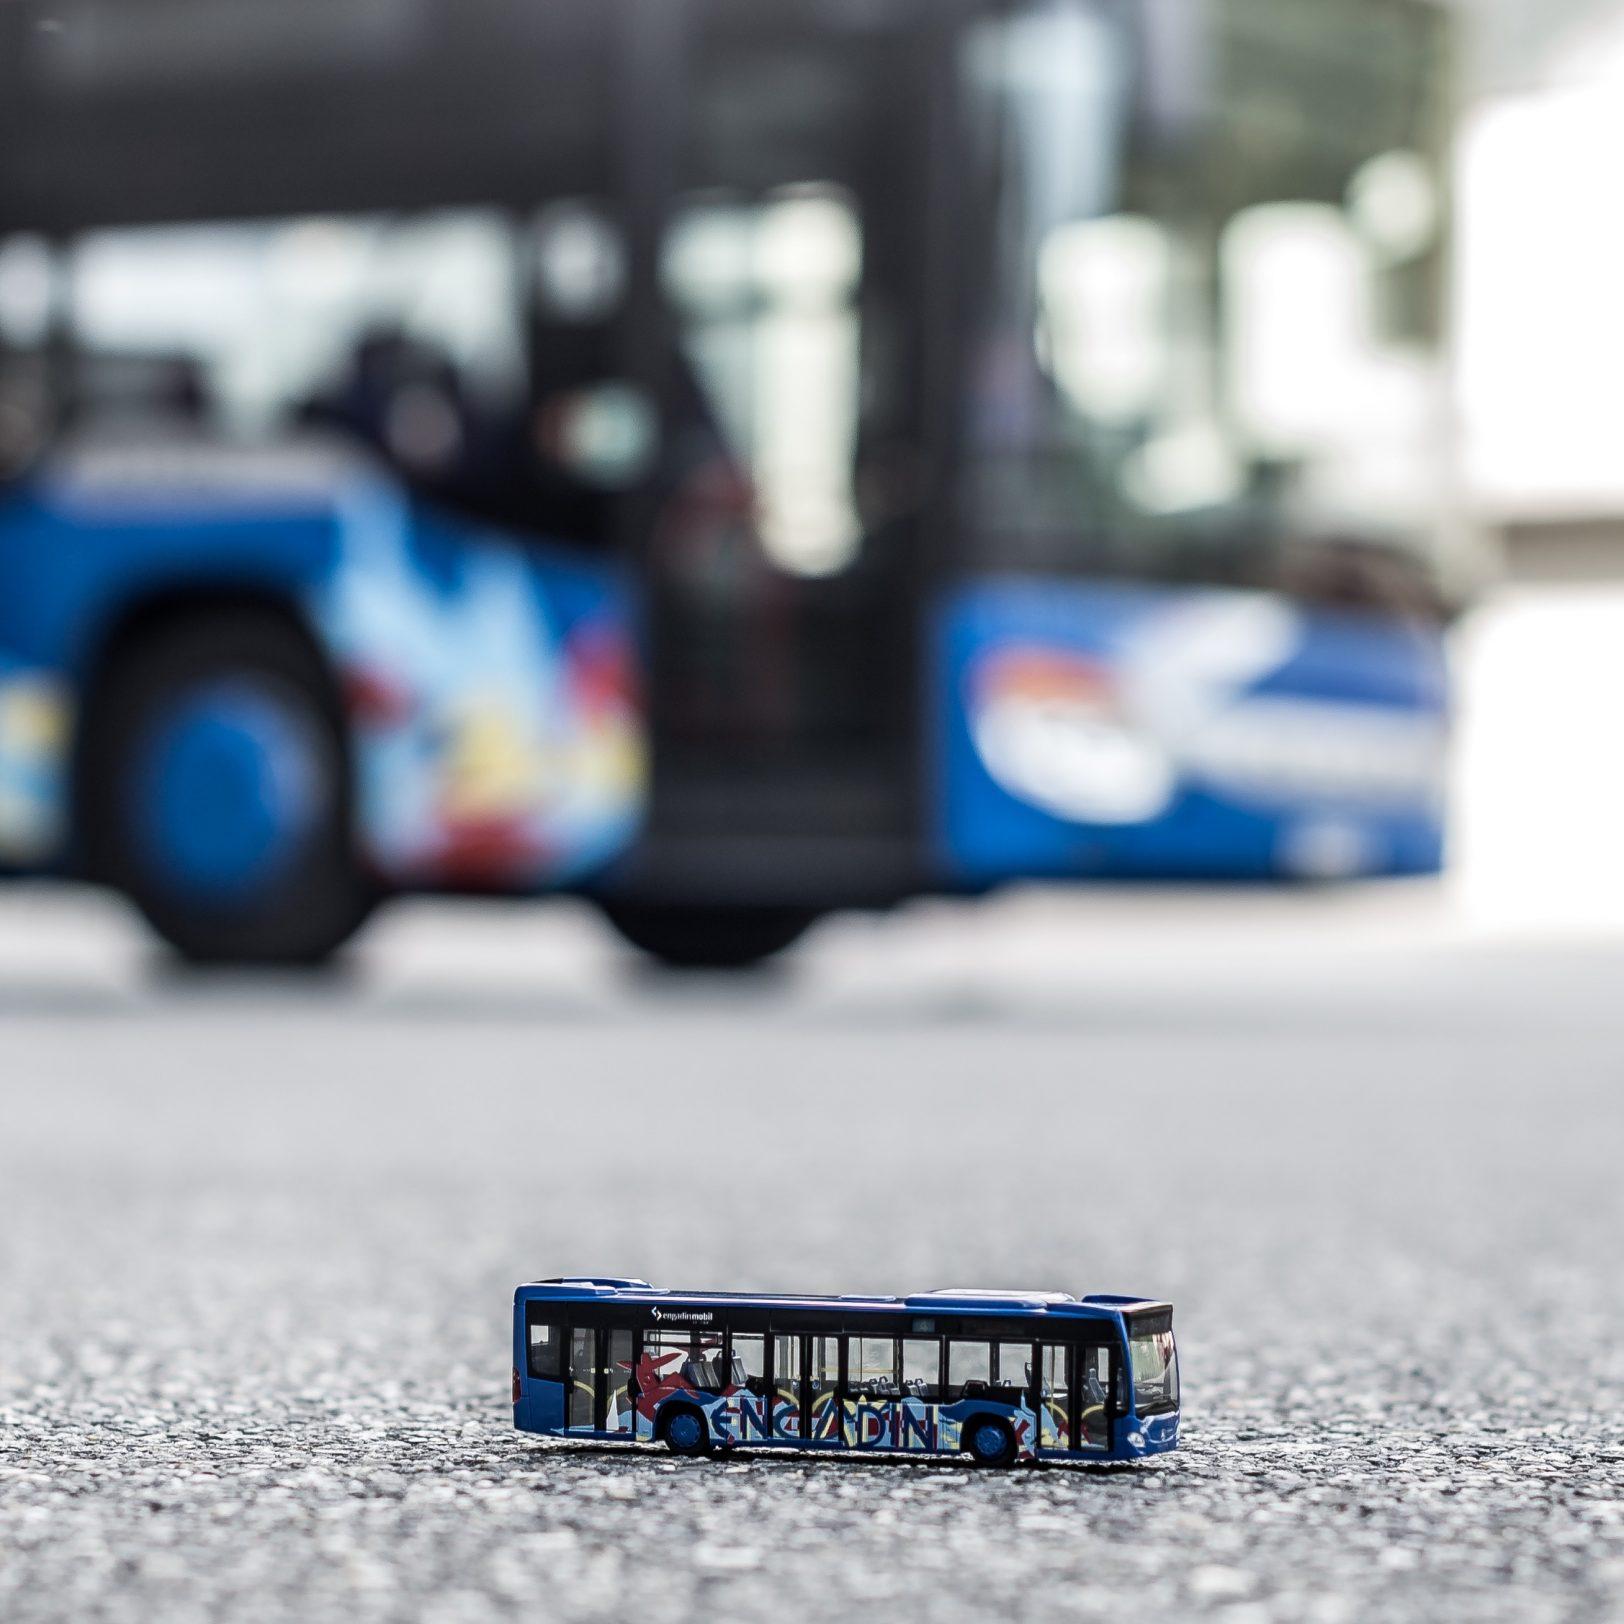 engadin-bus-verkehr